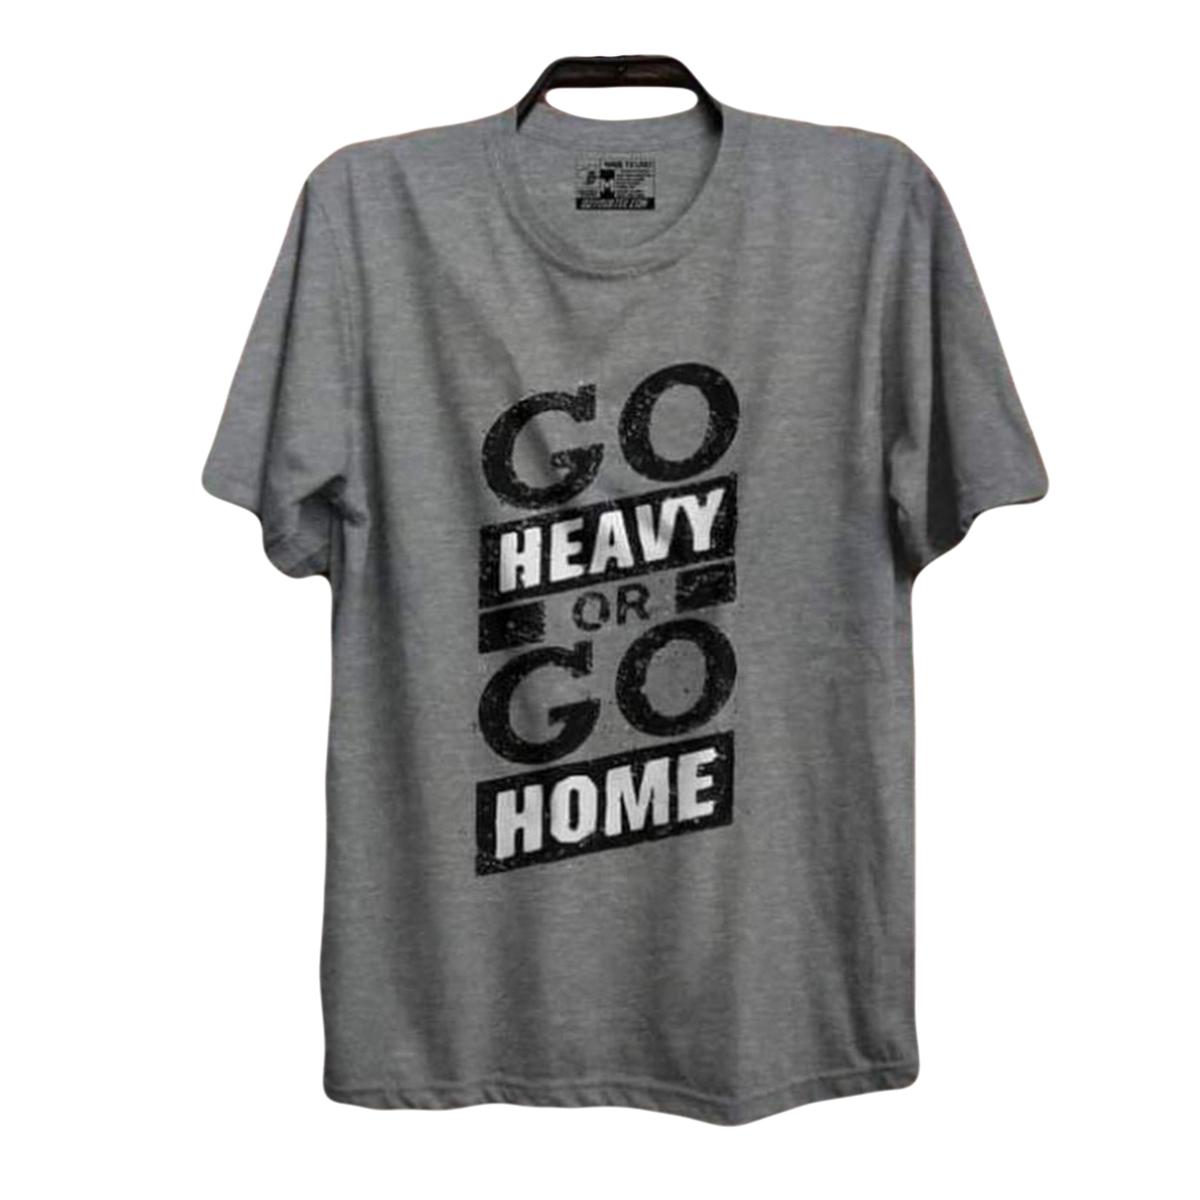 The Vintage Clothing gym printed premium T shirt